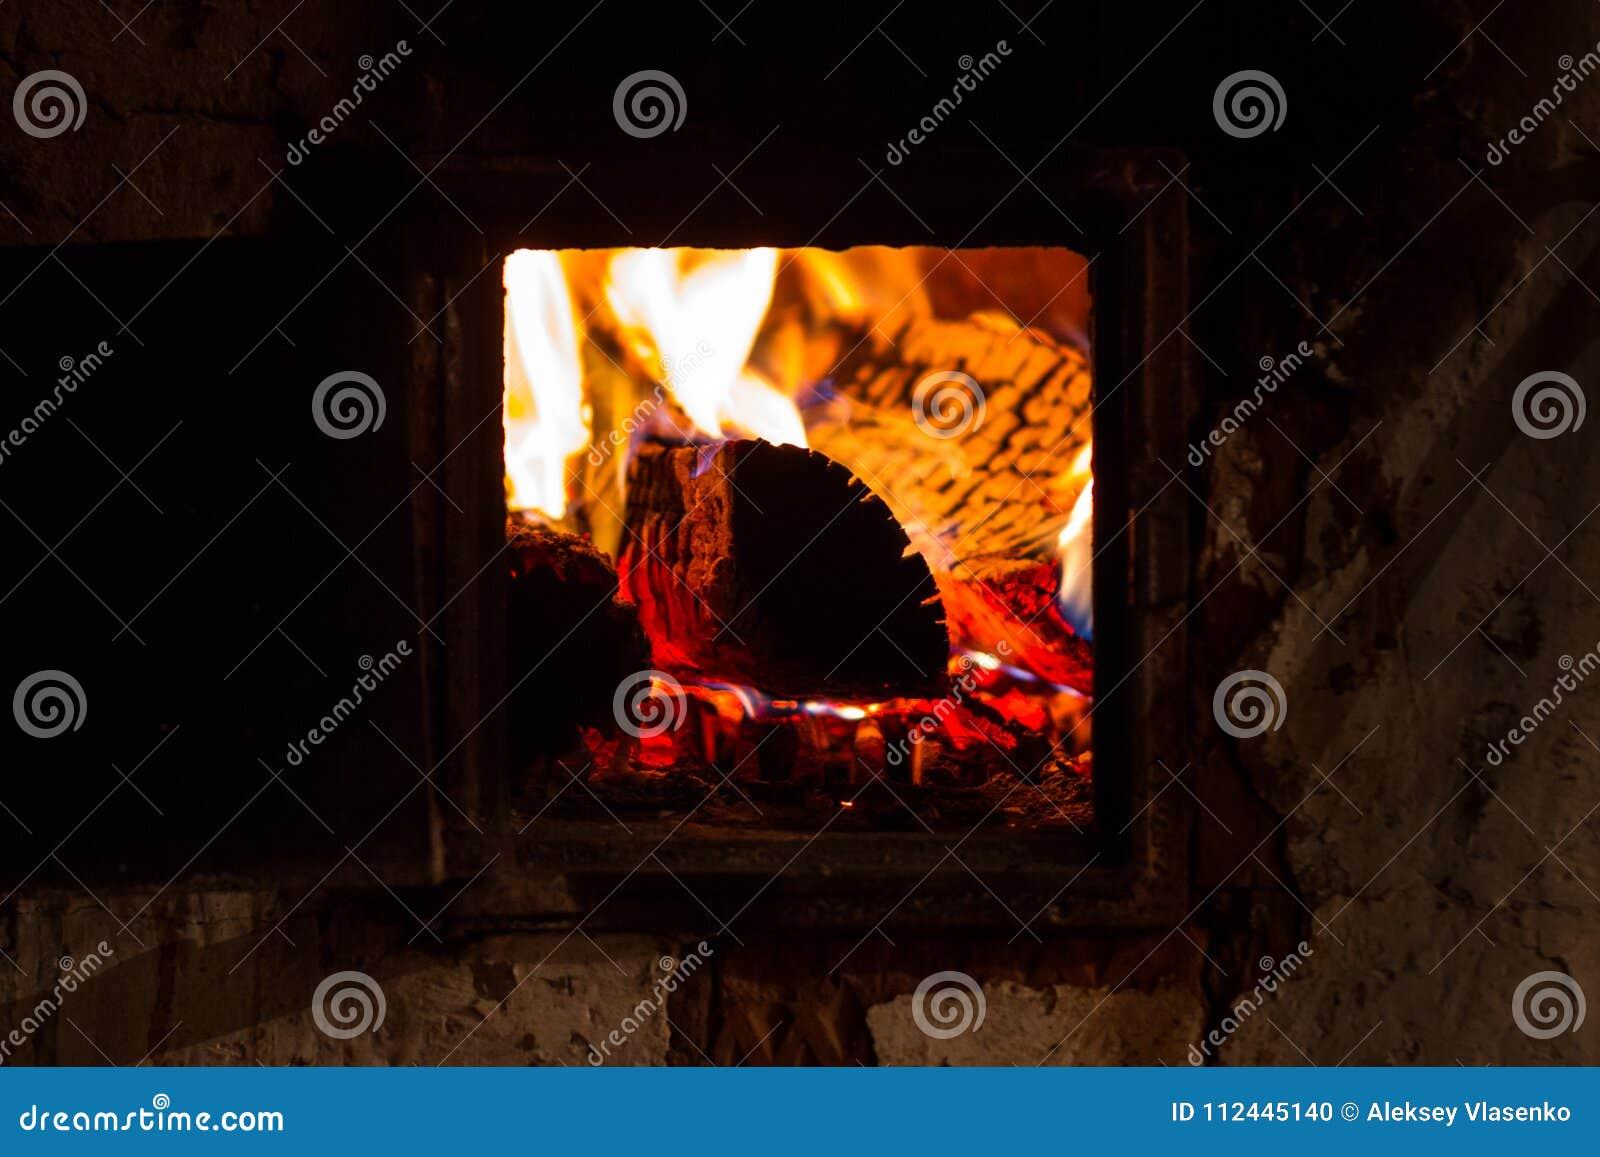 Brinnande flamma av en panna i en rysk by